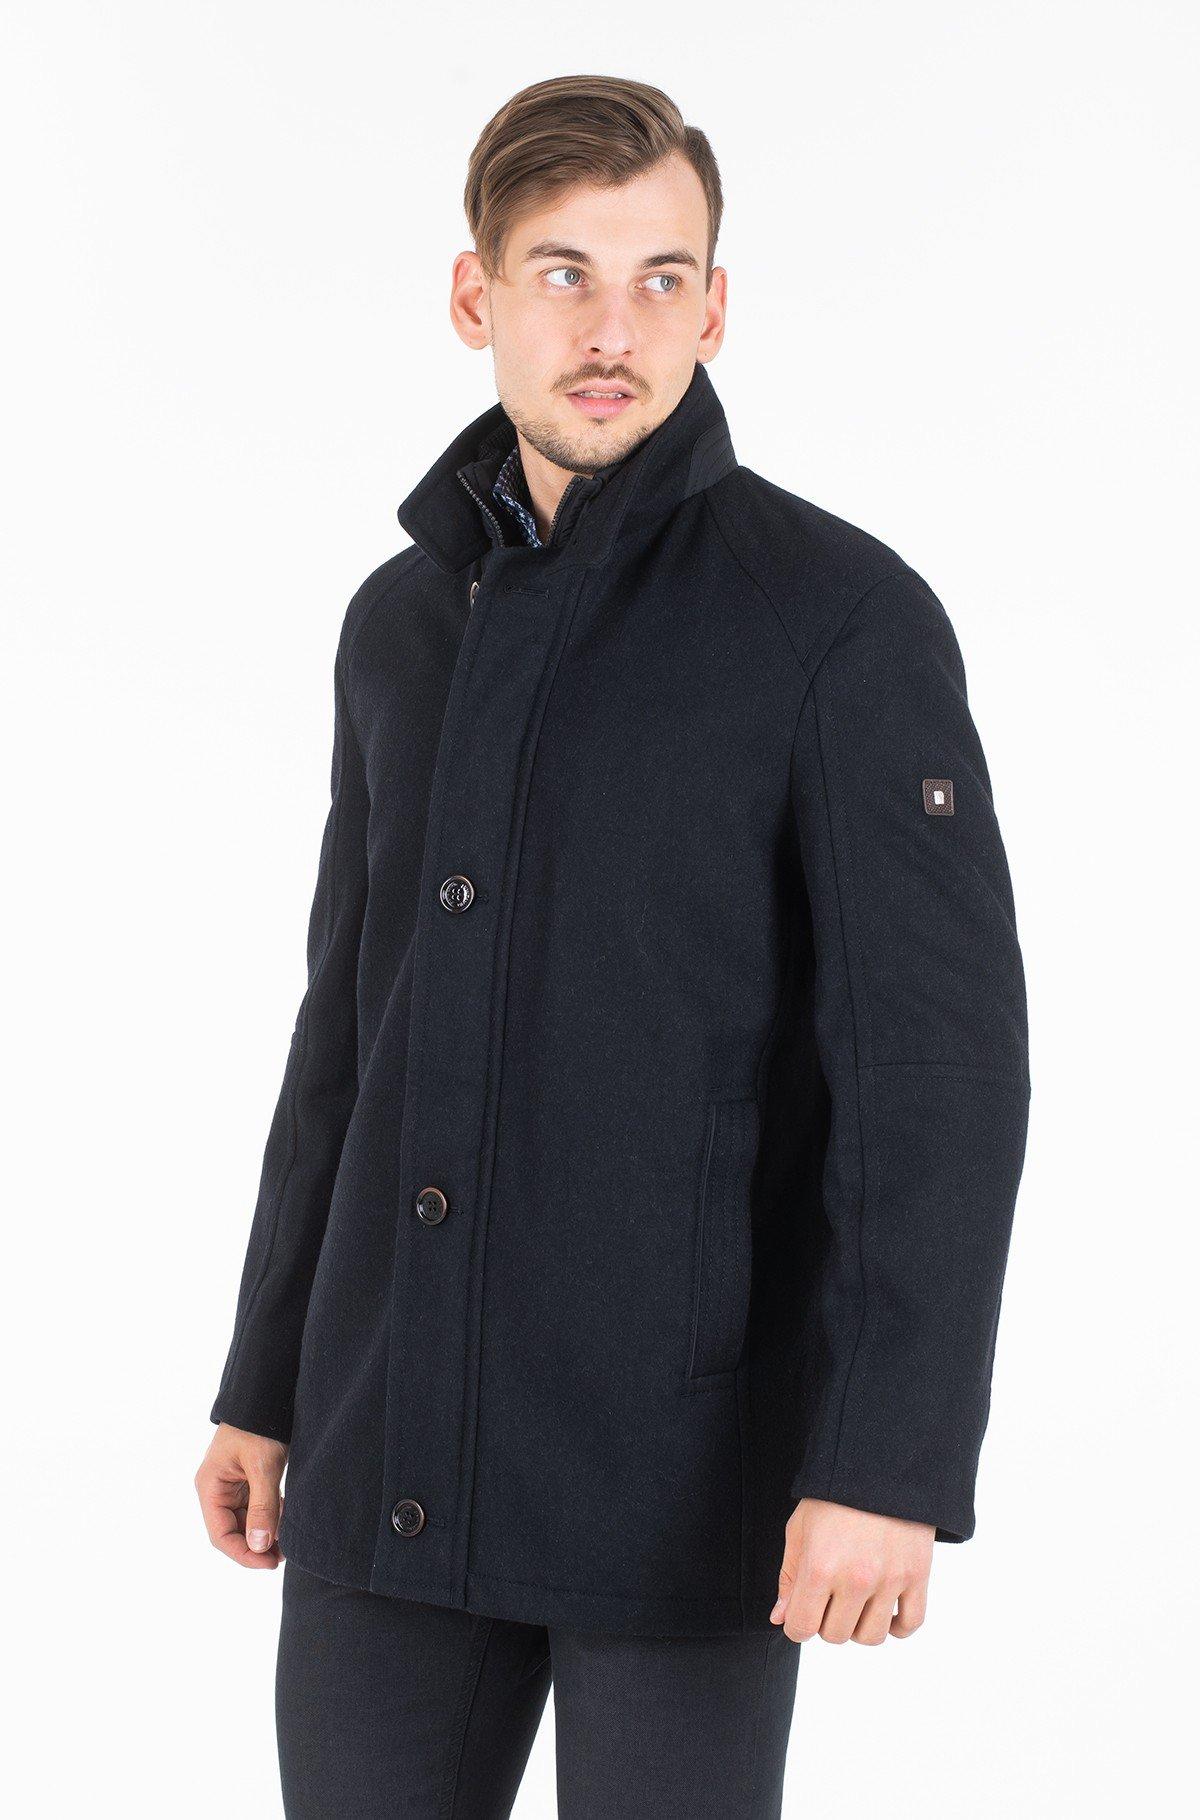 Coat 69110-4530-full-1